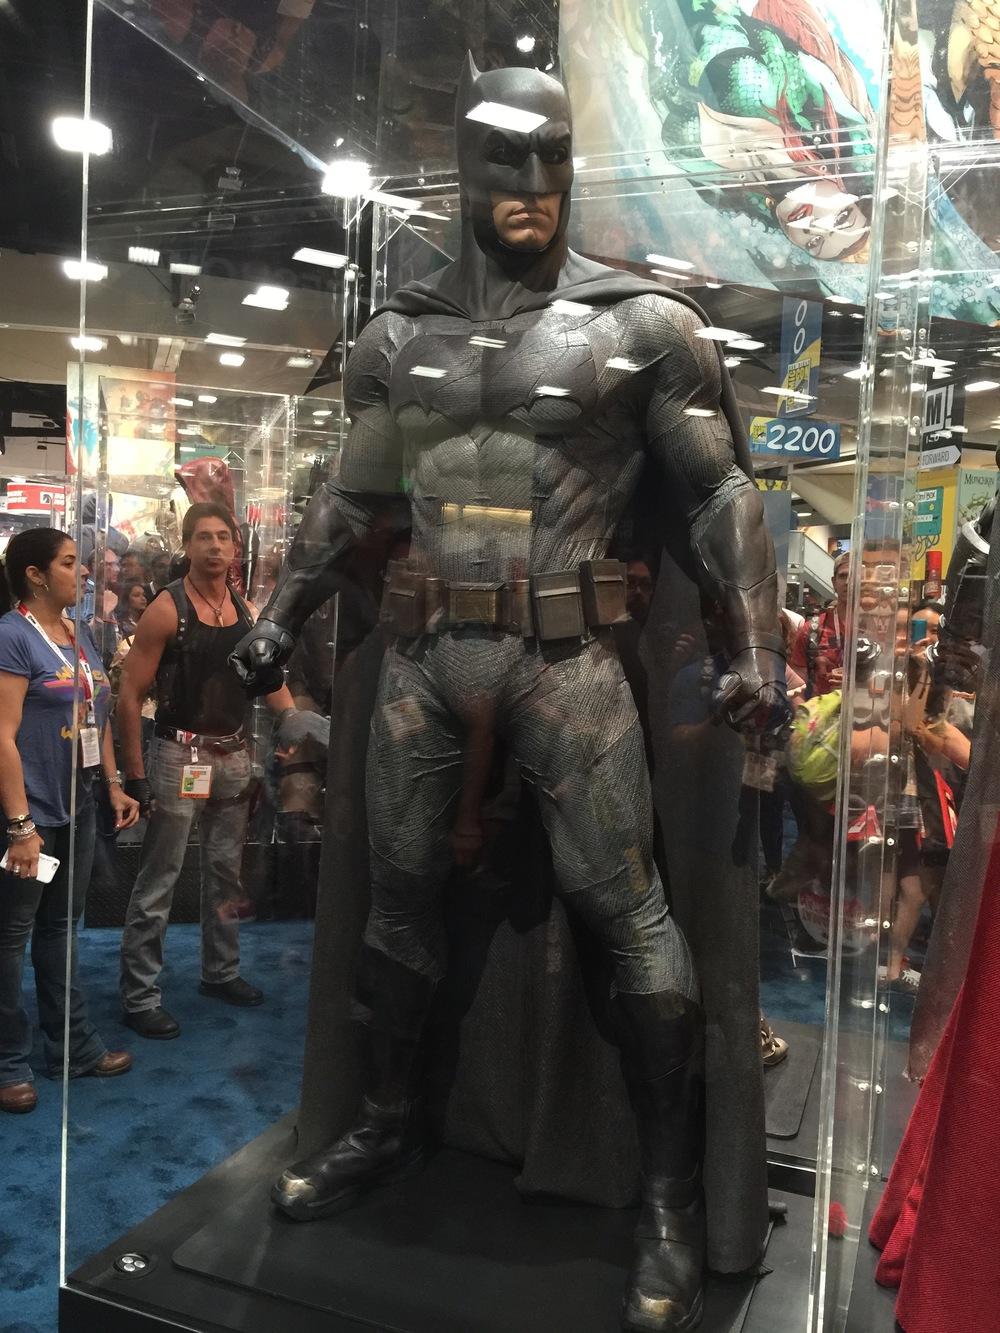 batman-v-superman-batman-armor-costumes-weapons-prop-photos21